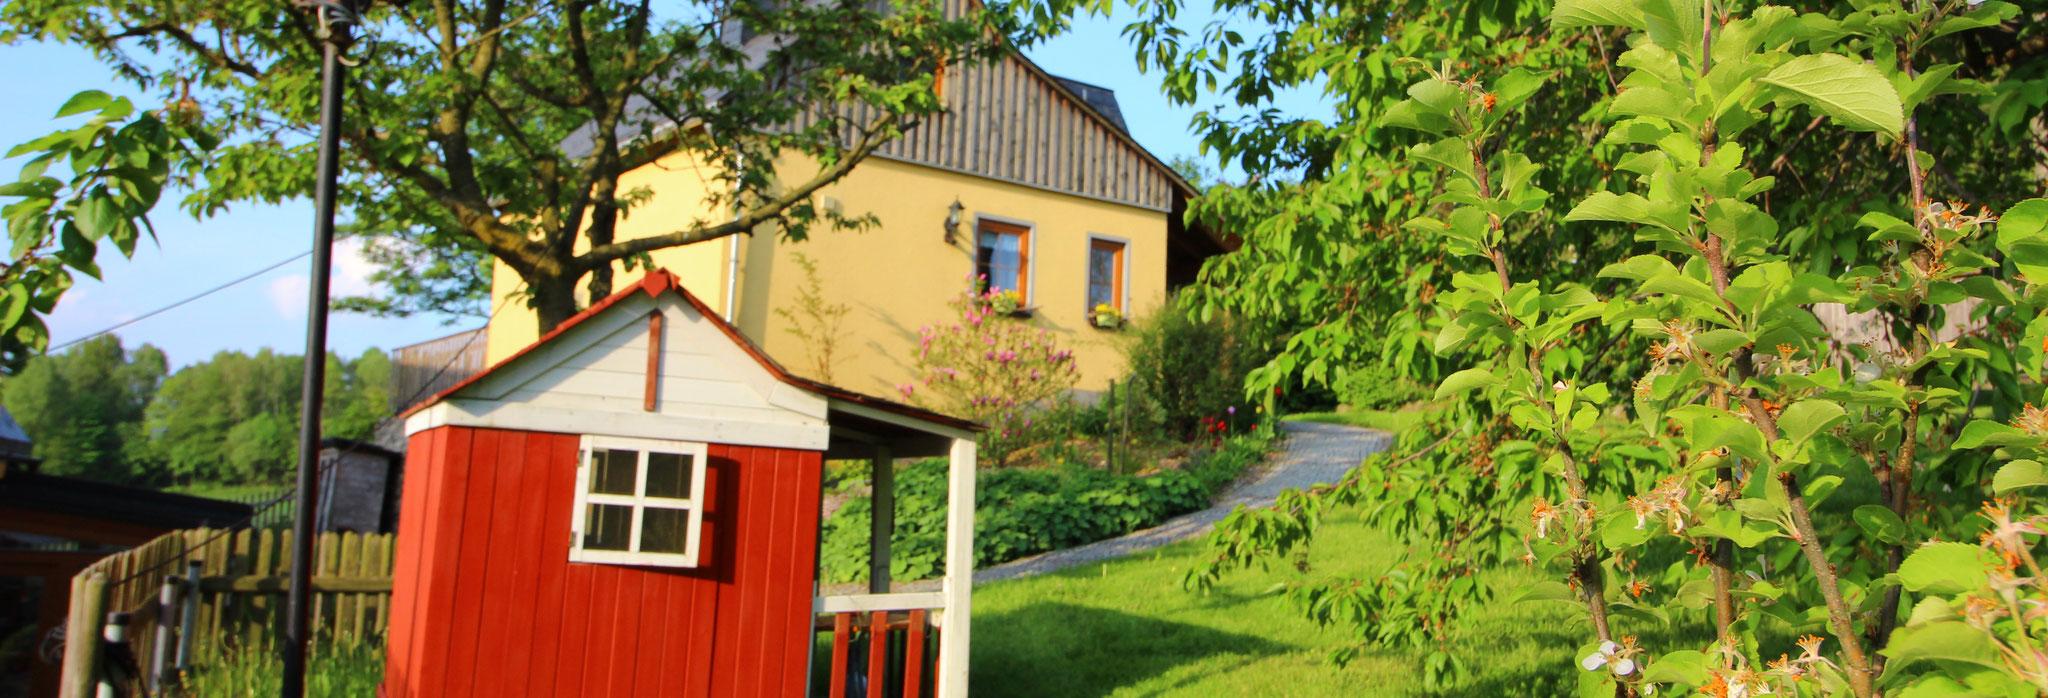 Unser Ferienhaus Hutheisl